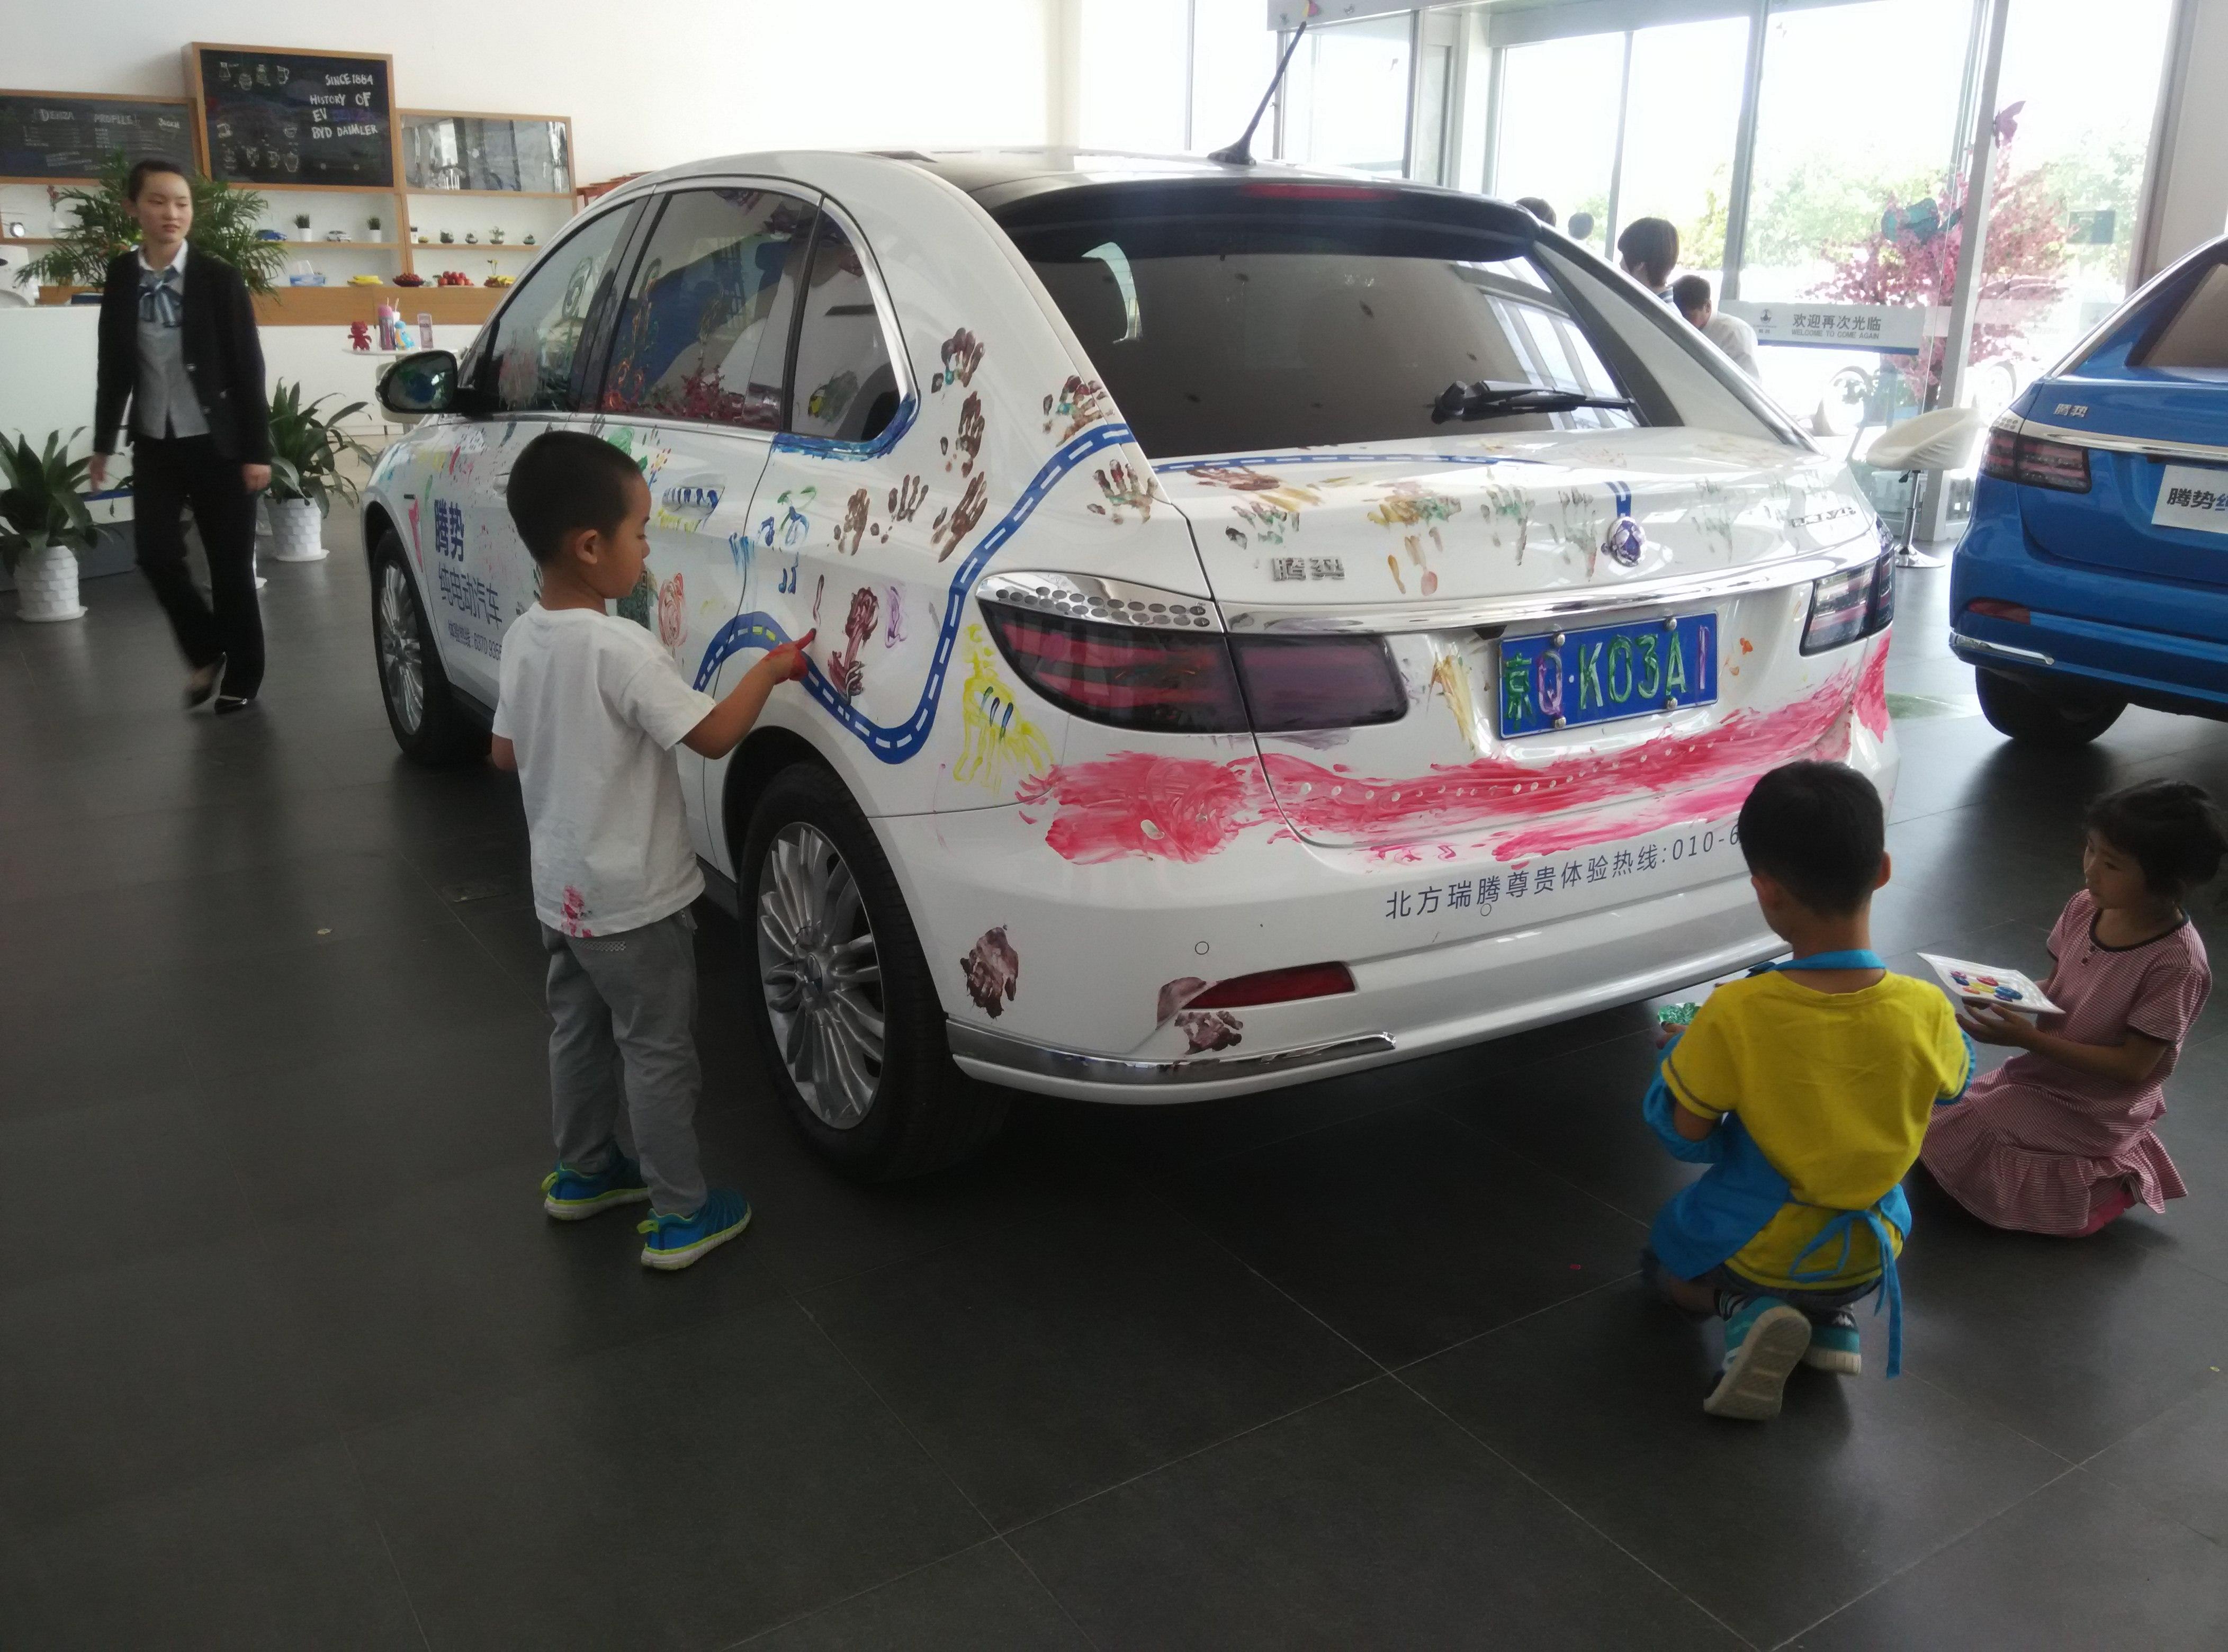 儿童汽车涂鸦-北方瑞腾 六一游乐场欢乐集结号 新闻100高清图片